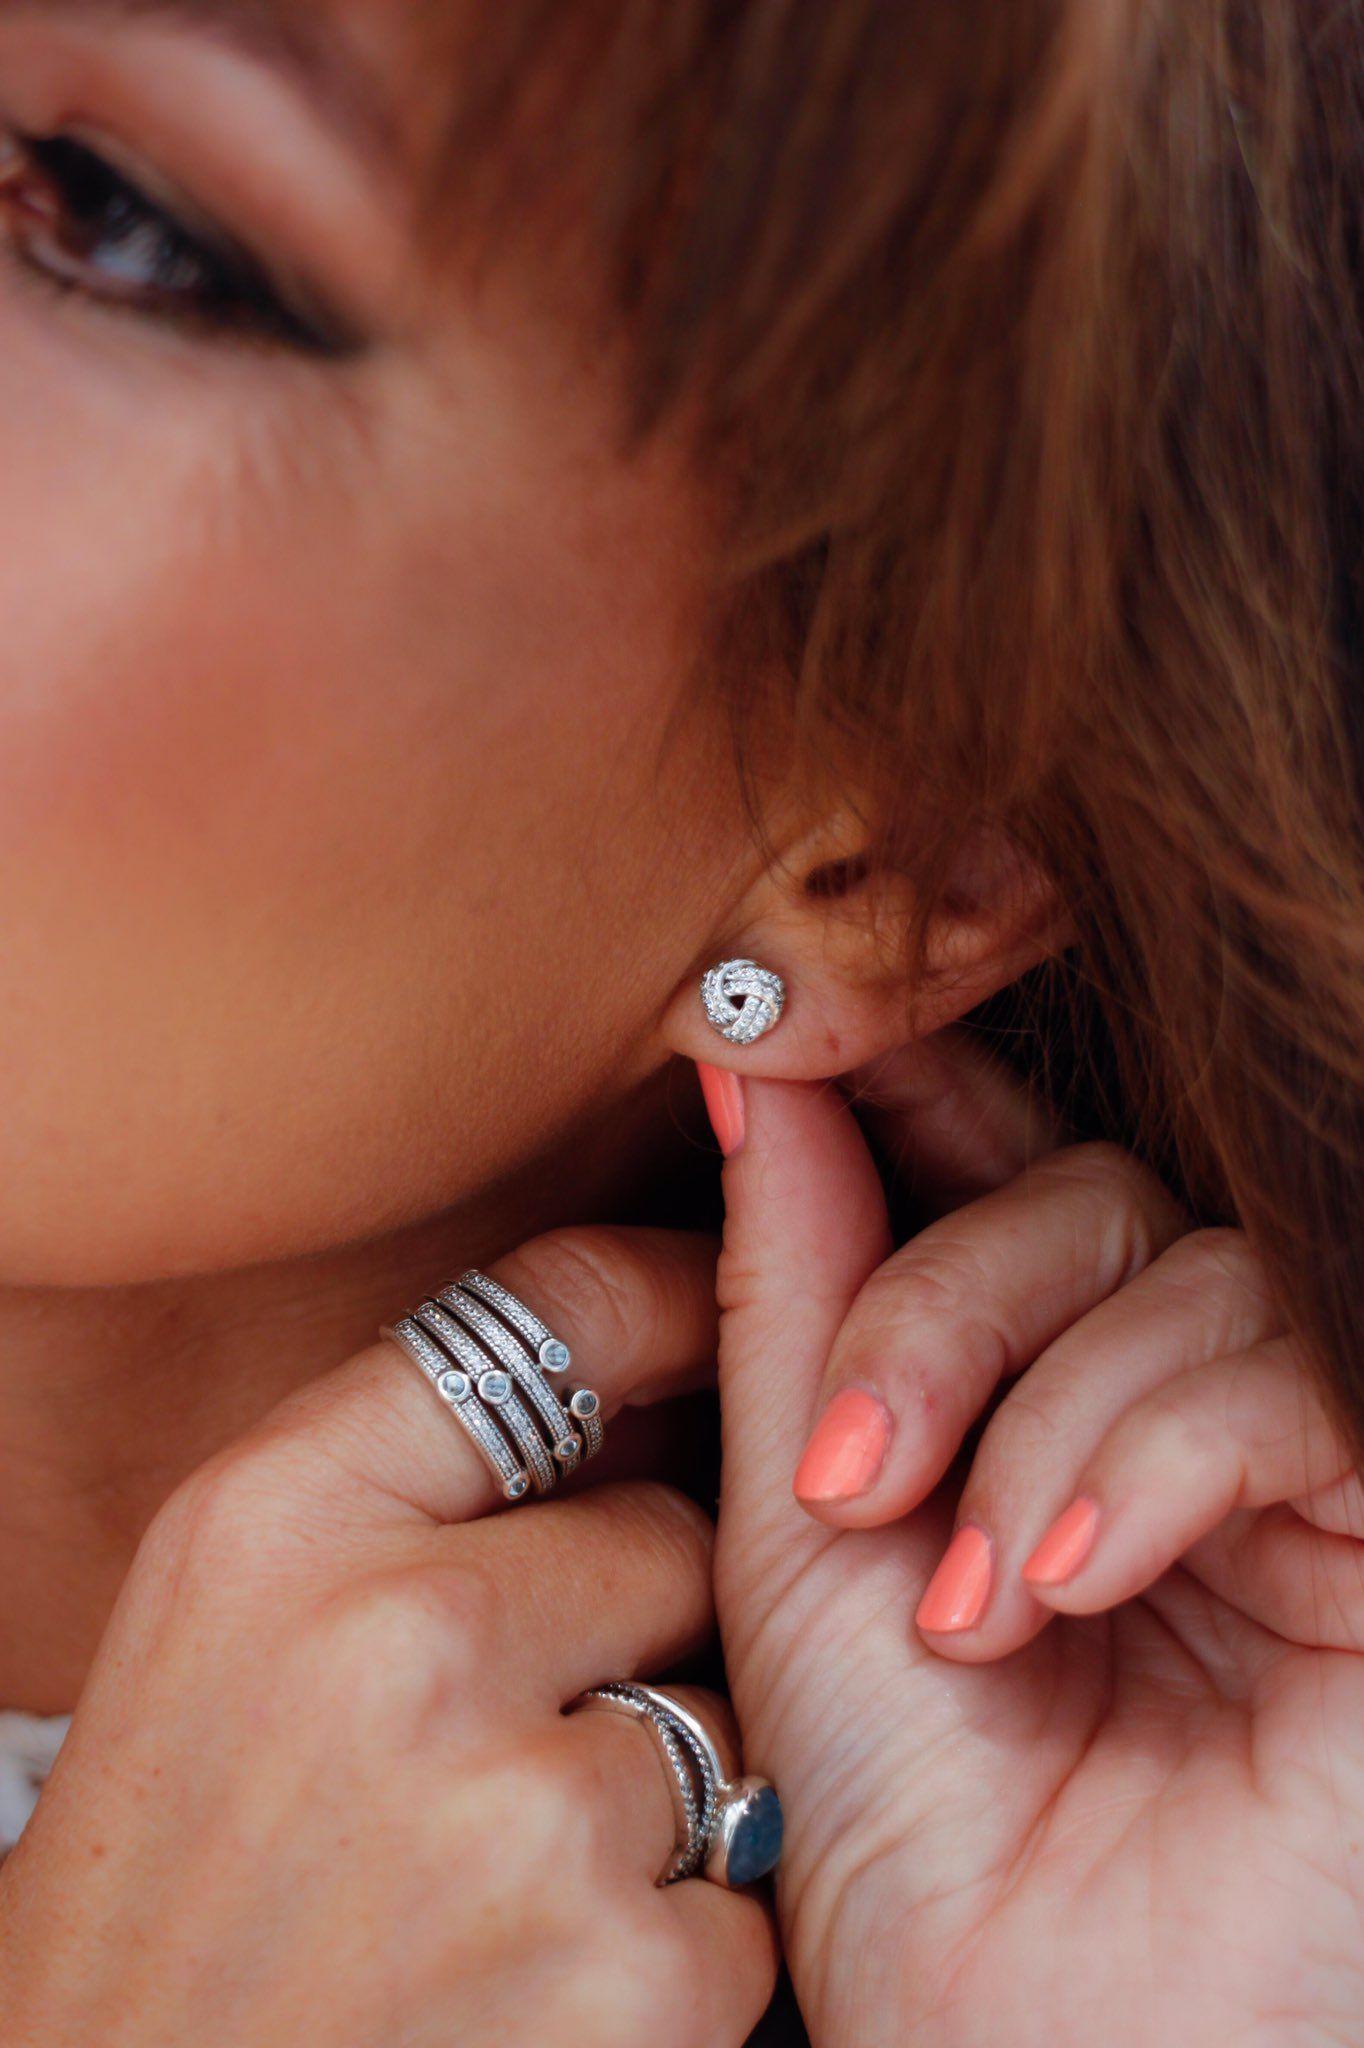 b848f0d53 Love Knot Earrings - PANDORA | Earrings | Pandora earrings, Pandora ...